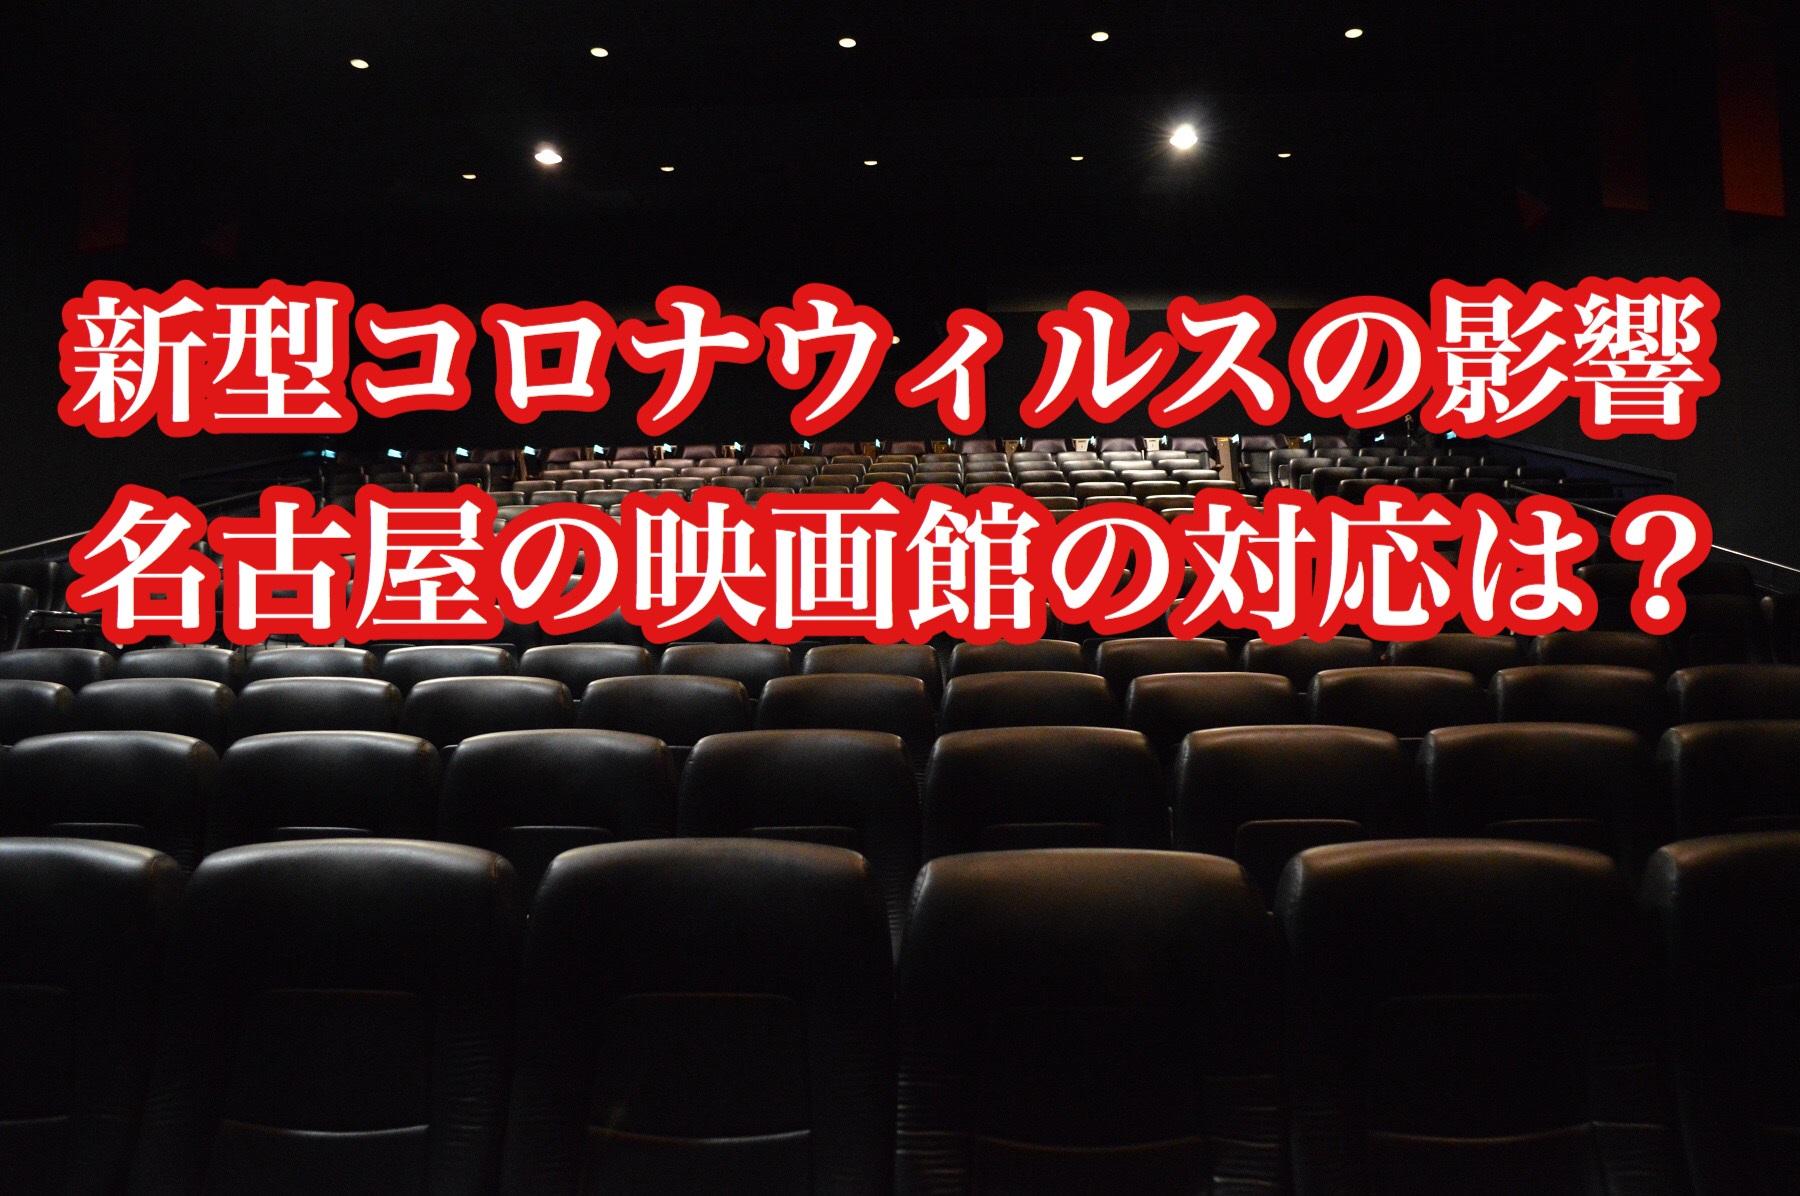 新型コロナウイルスの影響で映画の公開延期も 名古屋市内の映画館の対応は?